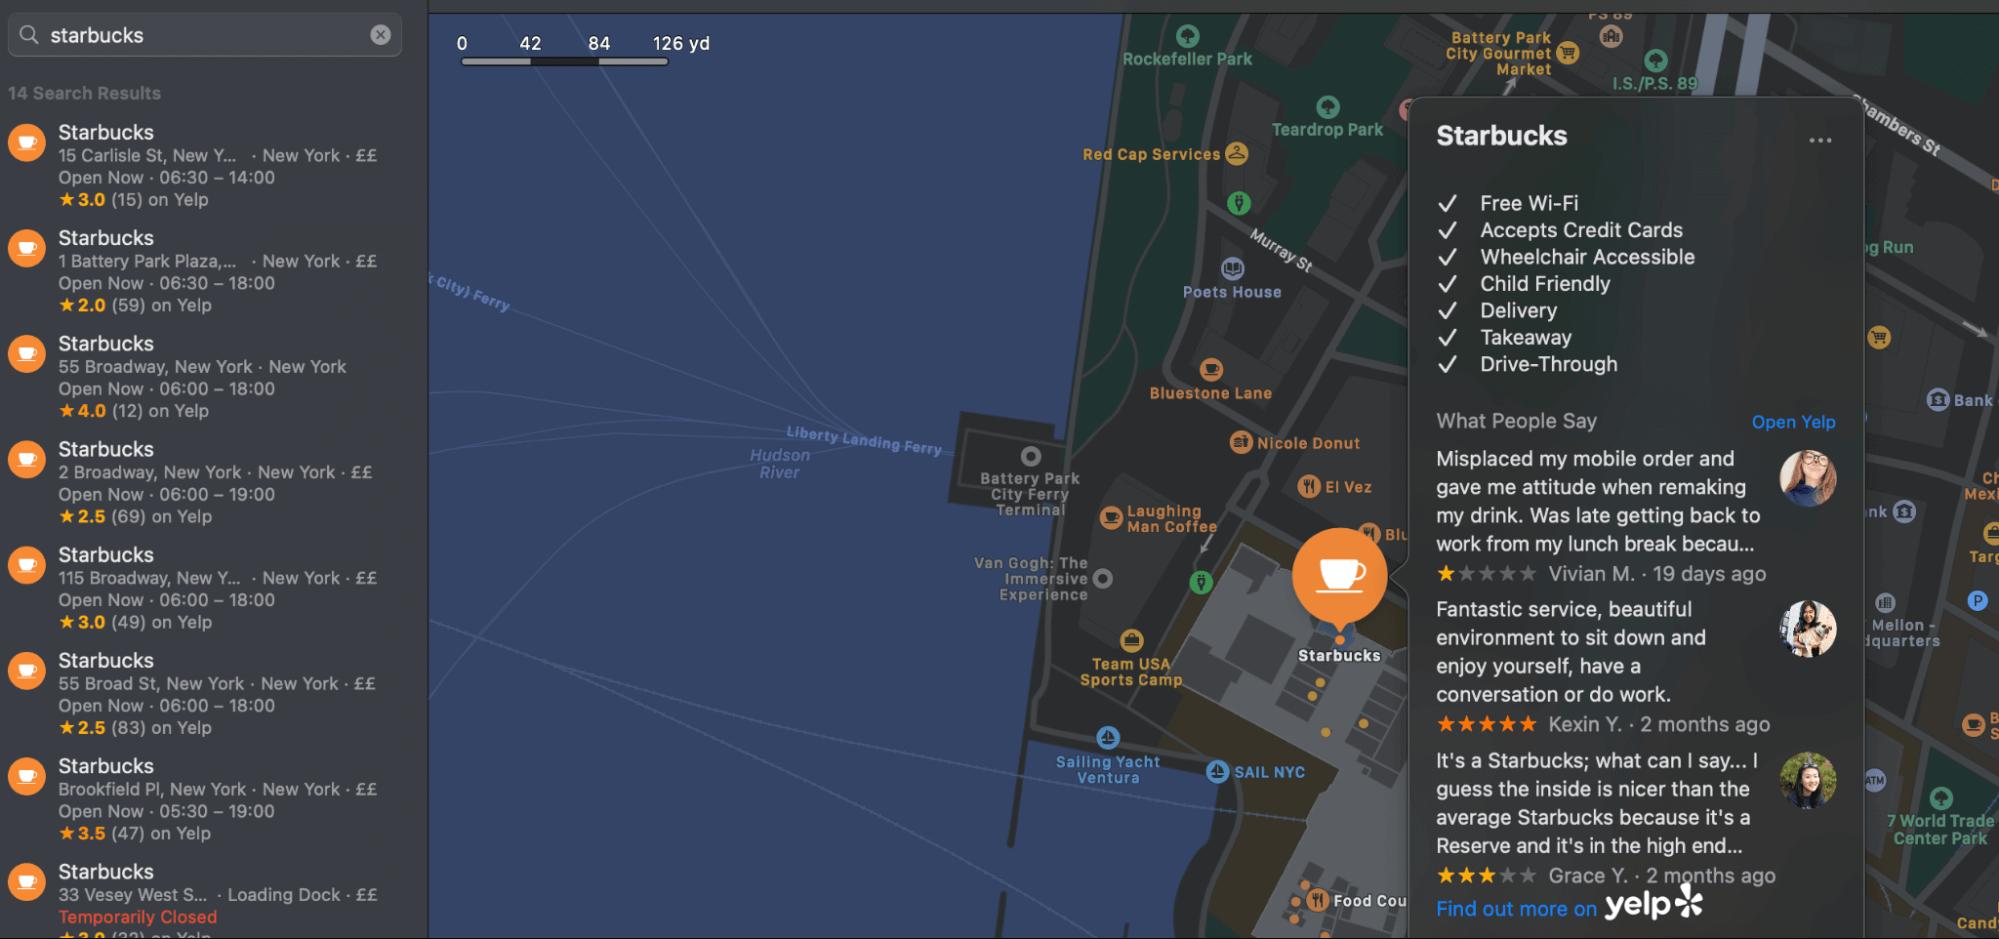 locations near me search box